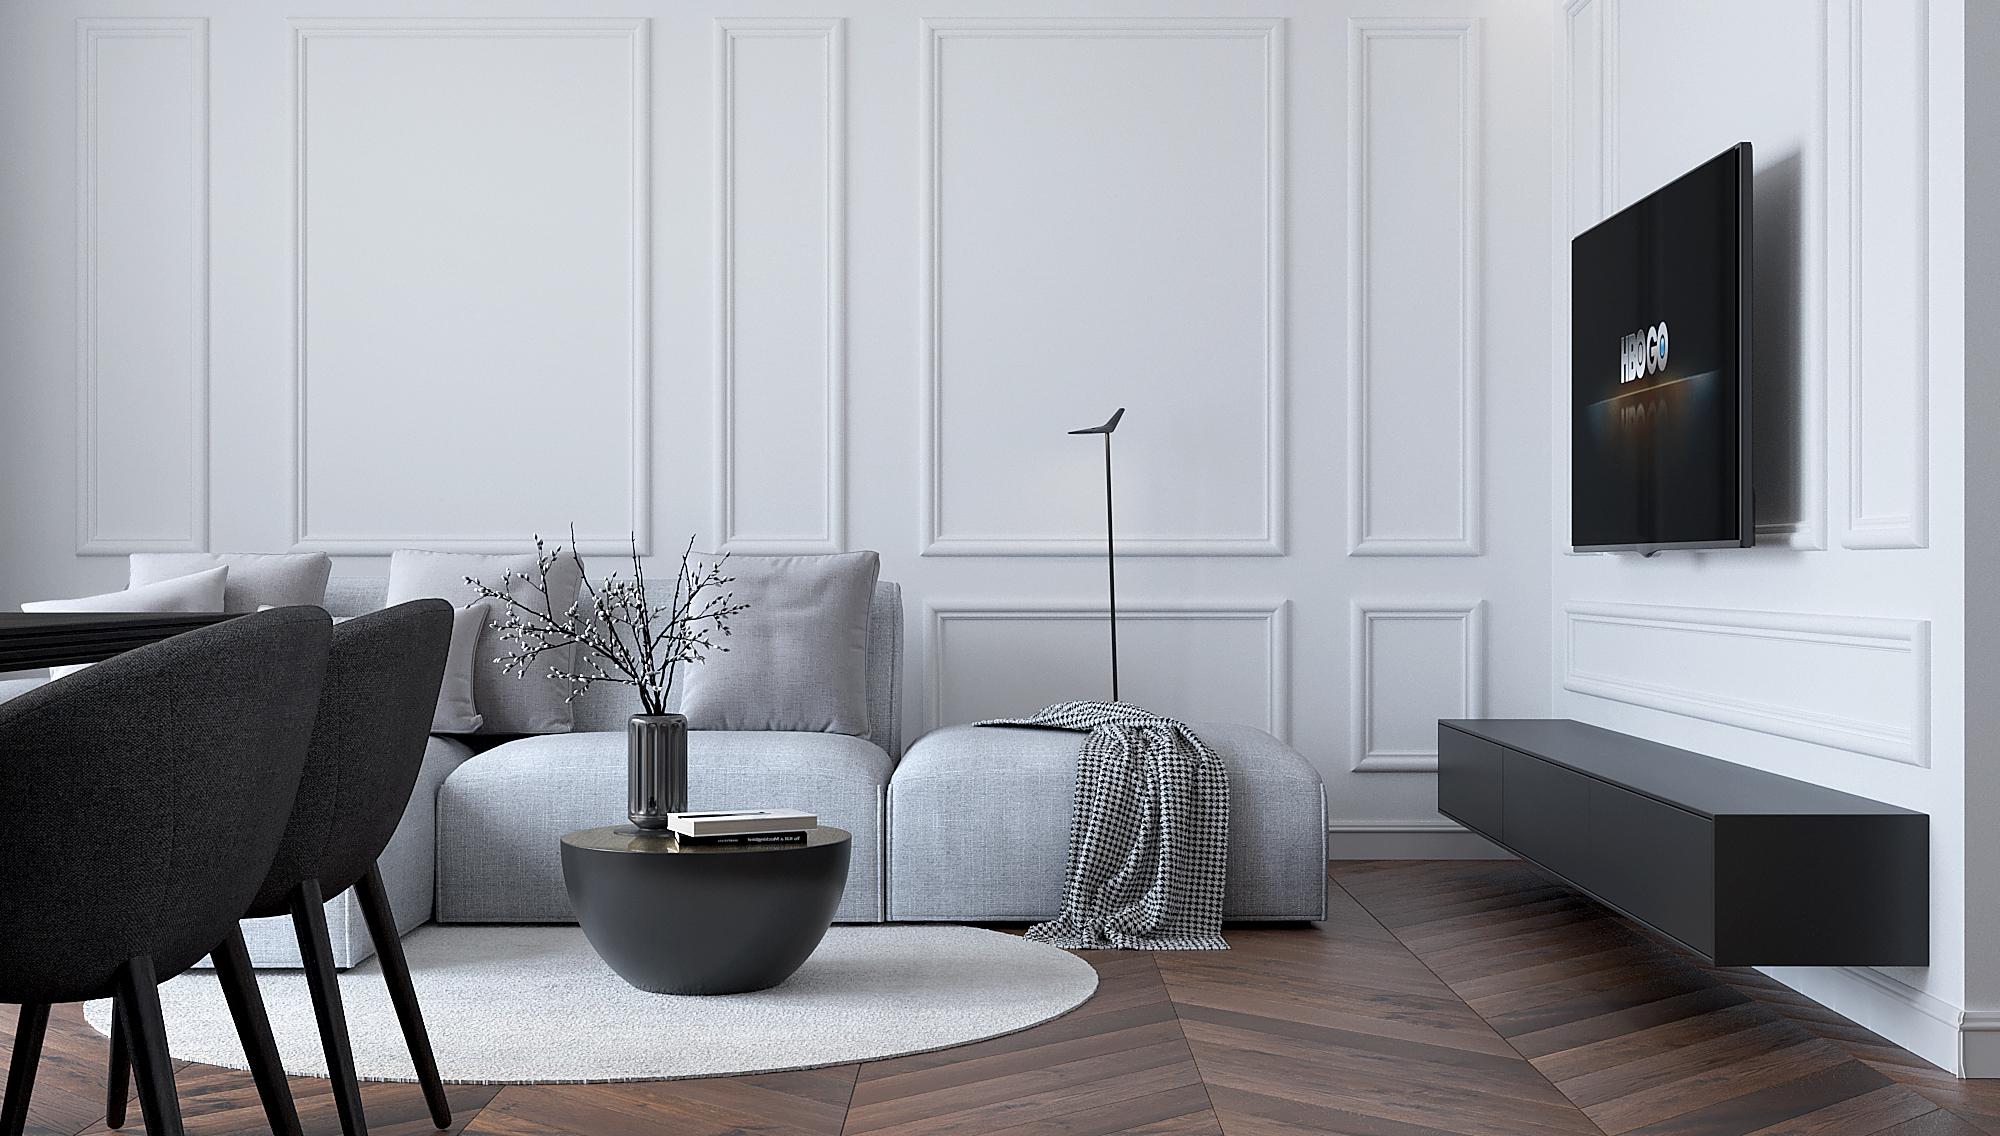 10 architekt wnetrz M489 mieszkanie krakow salon czarna szafka rtv szara sofa listwy dekoracyjne